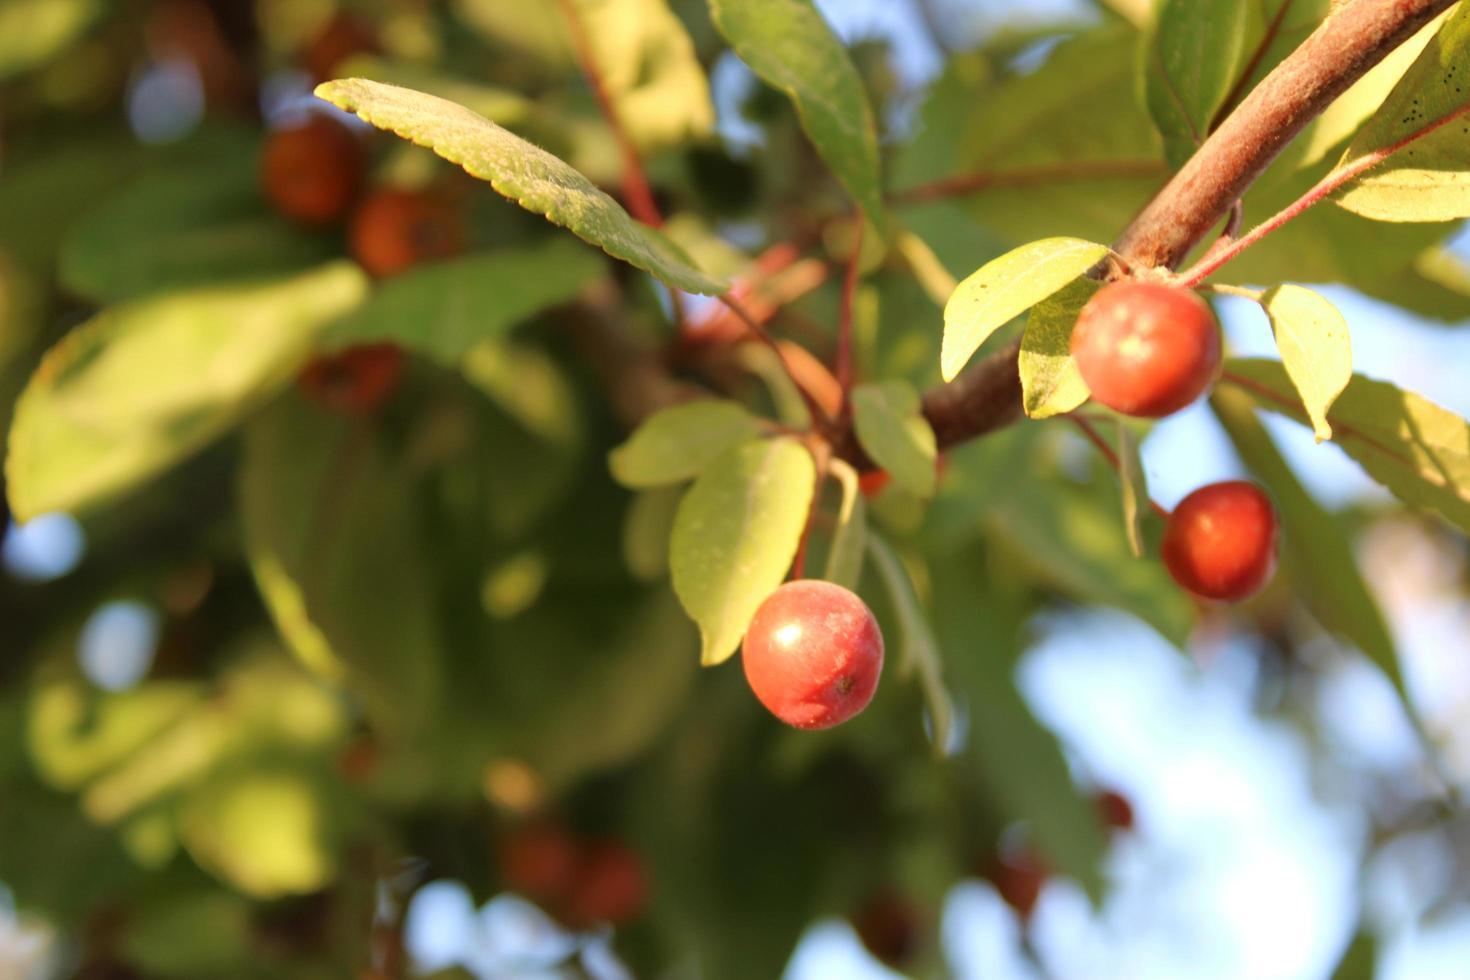 Holzapfelfrüchte mit Makrodetails foto